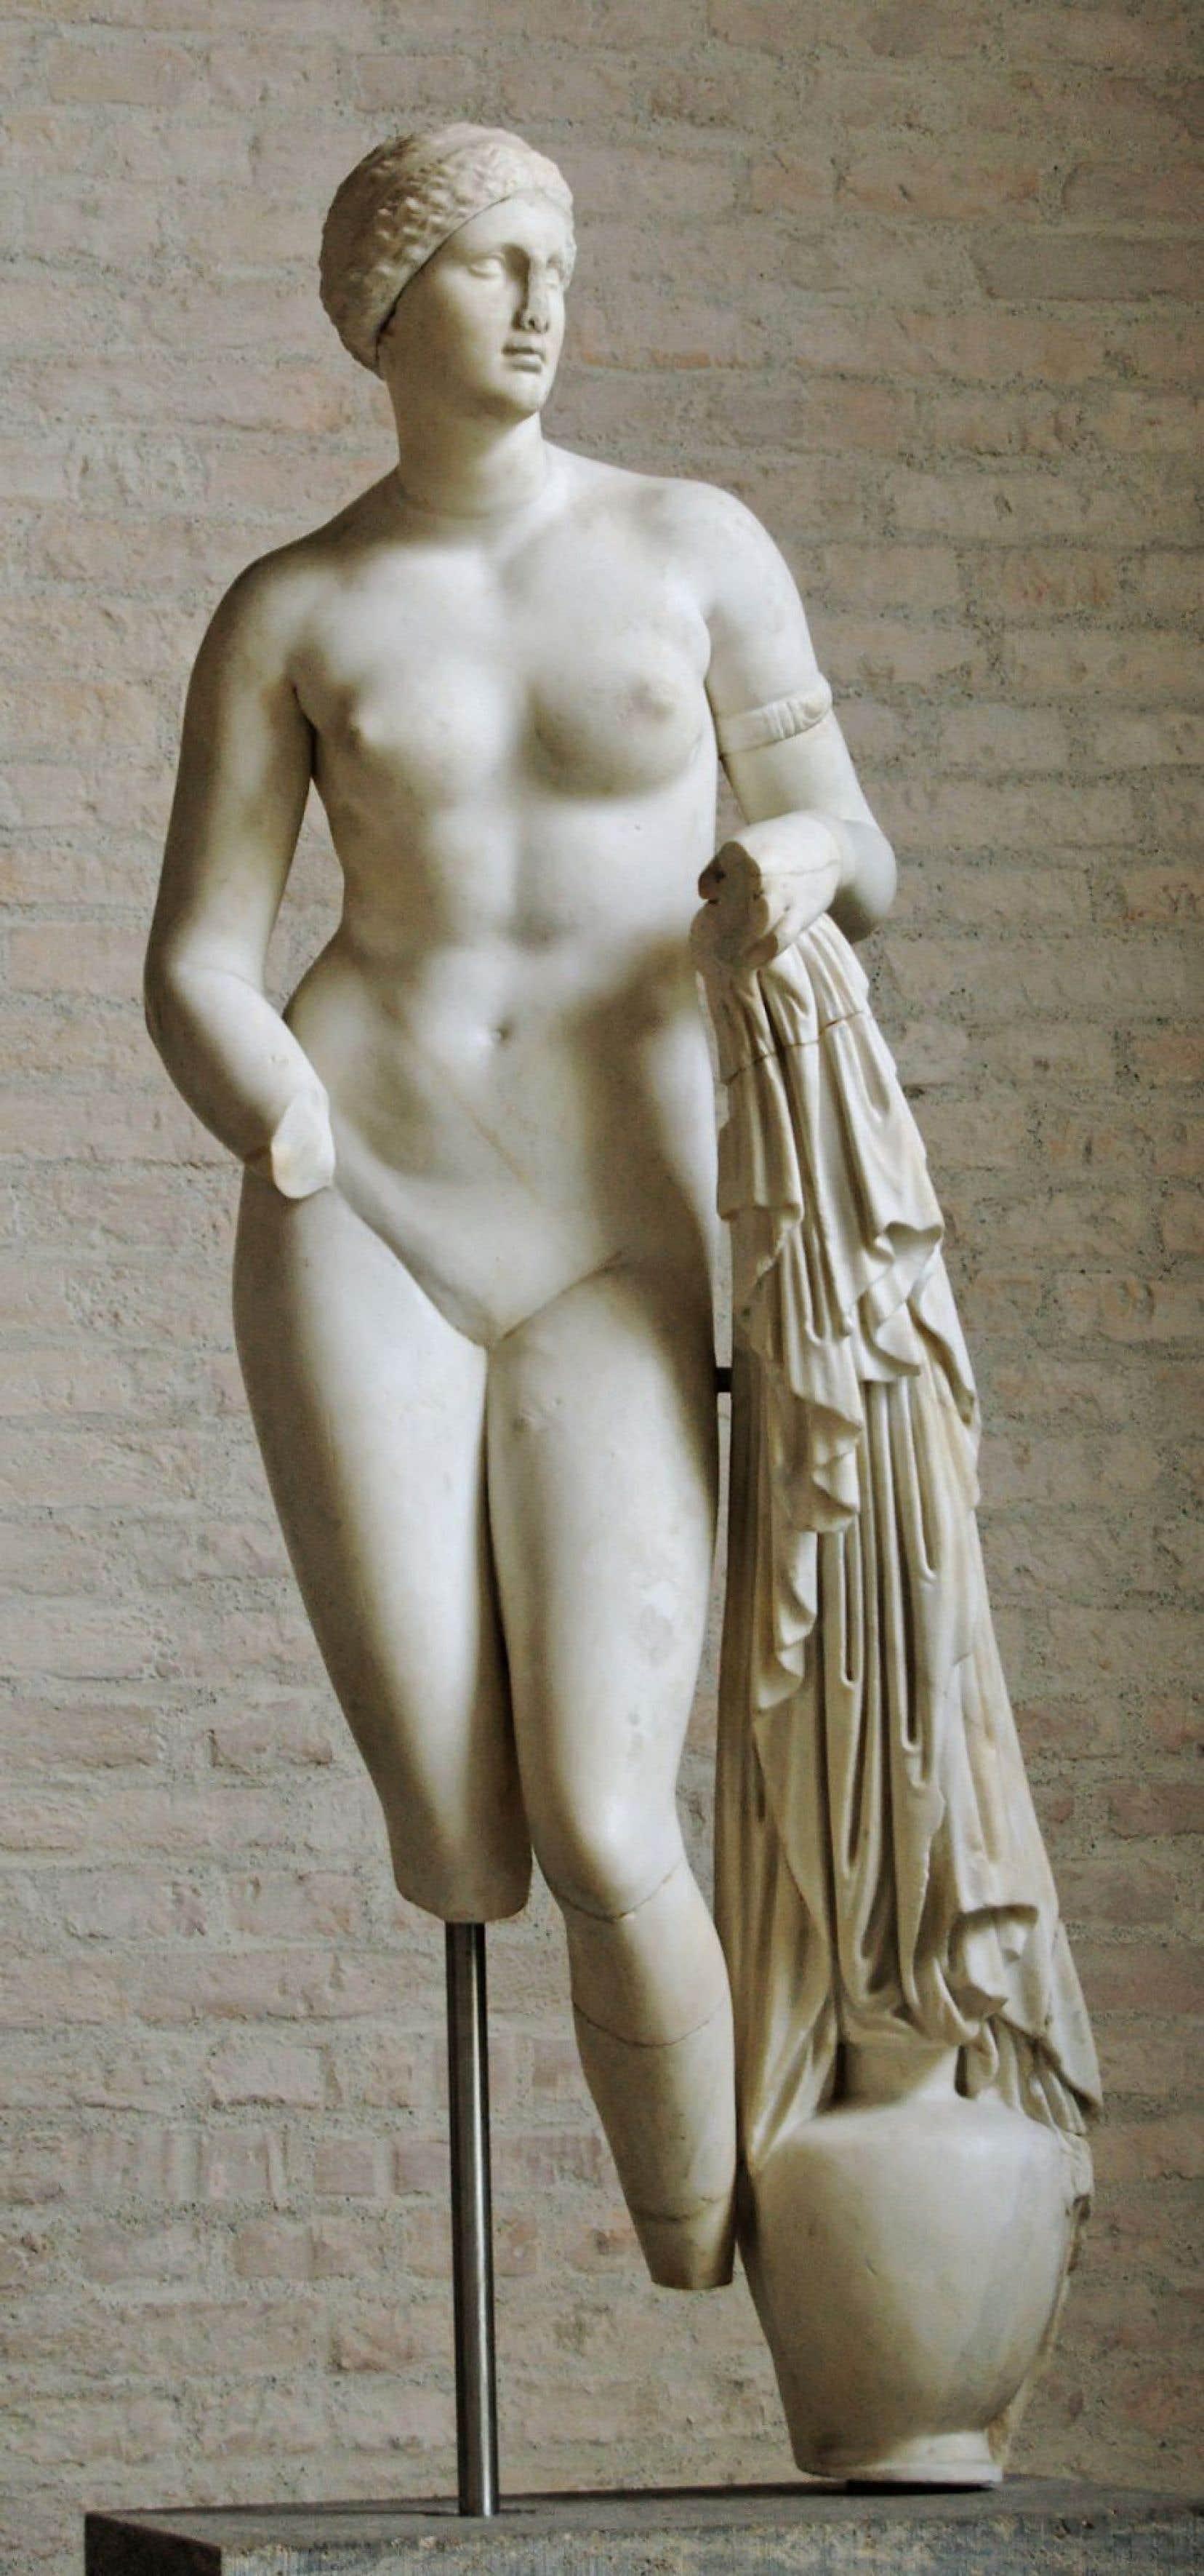 La courtisane dépeinte ici, femme moderne avant la lettre, est une proche du sculpteur de la Grèce antique Praxitèle, dont on voit ici l'«Aphrodite Braschi».